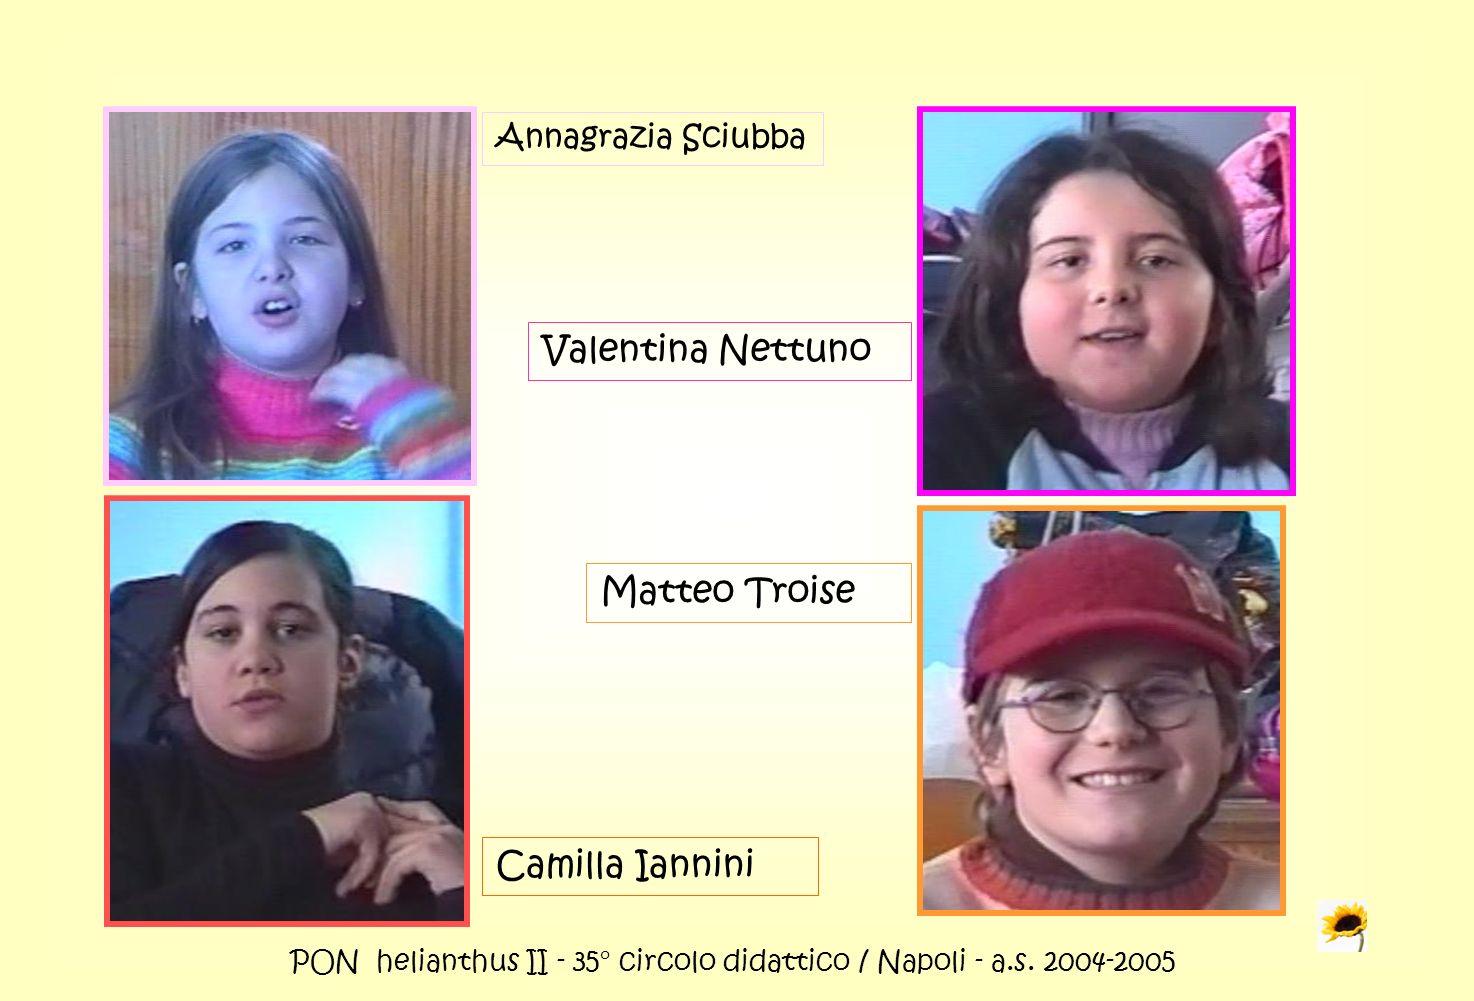 PON helianthus II - 35° circolo didattico / Napoli - a.s. 2004-2005 Annagrazia Sciubba Valentina Nettuno Camilla Iannini Matteo Troise